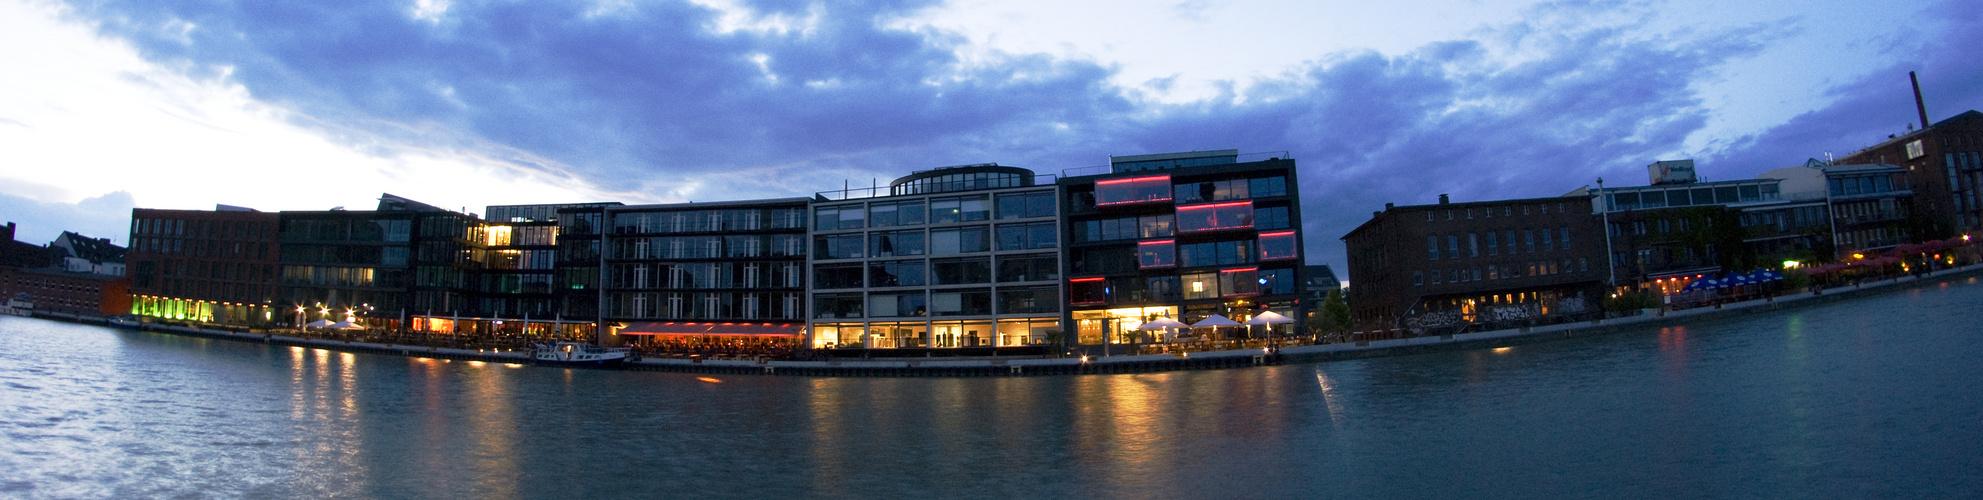 Münster-Hafen bei Nacht